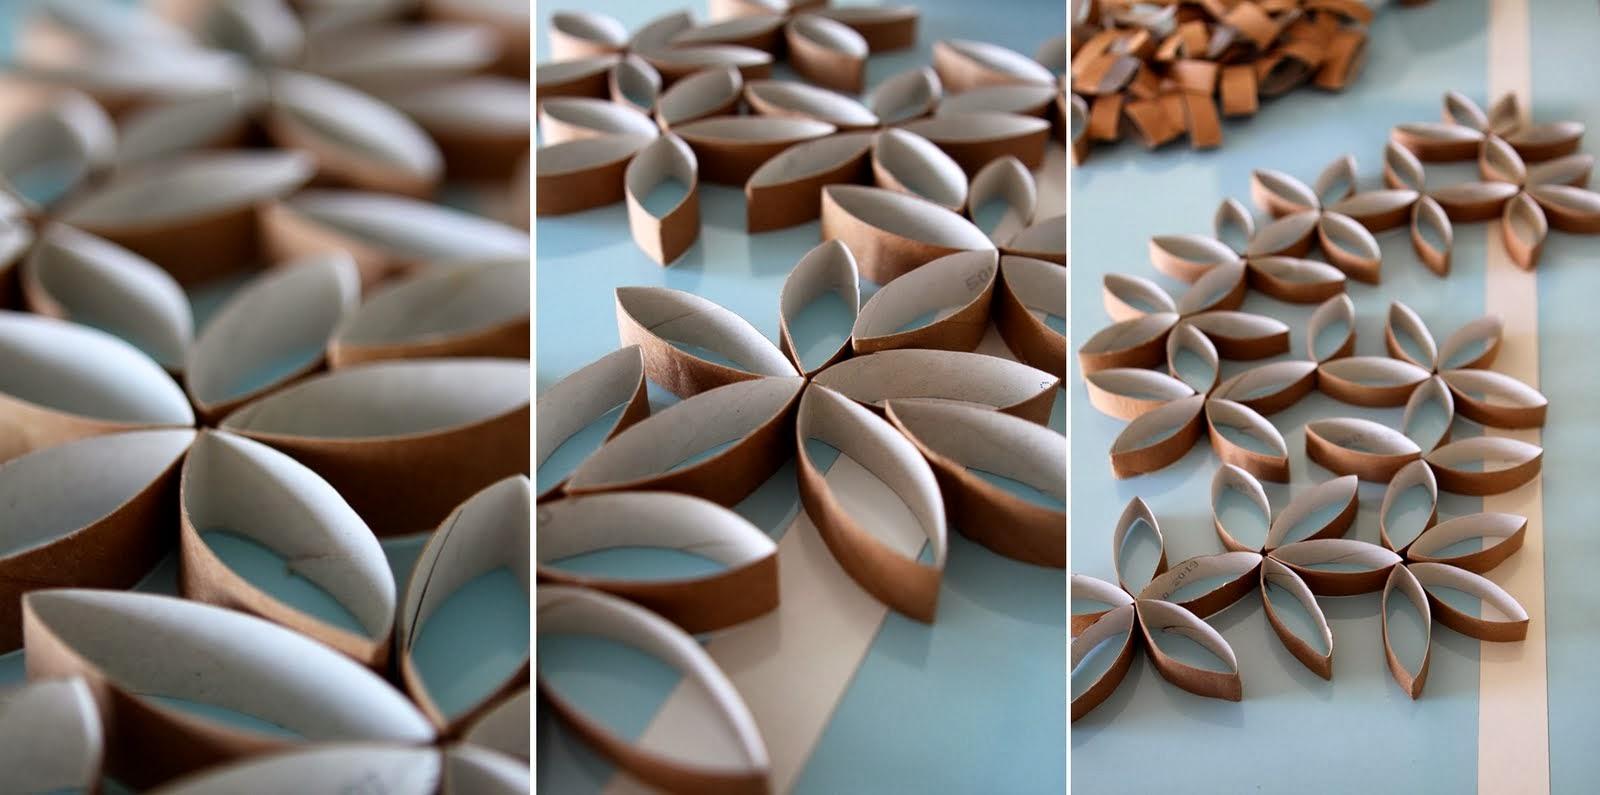 Ide Kreatif Membuat Karya Seni Kertas | dialerbisnis